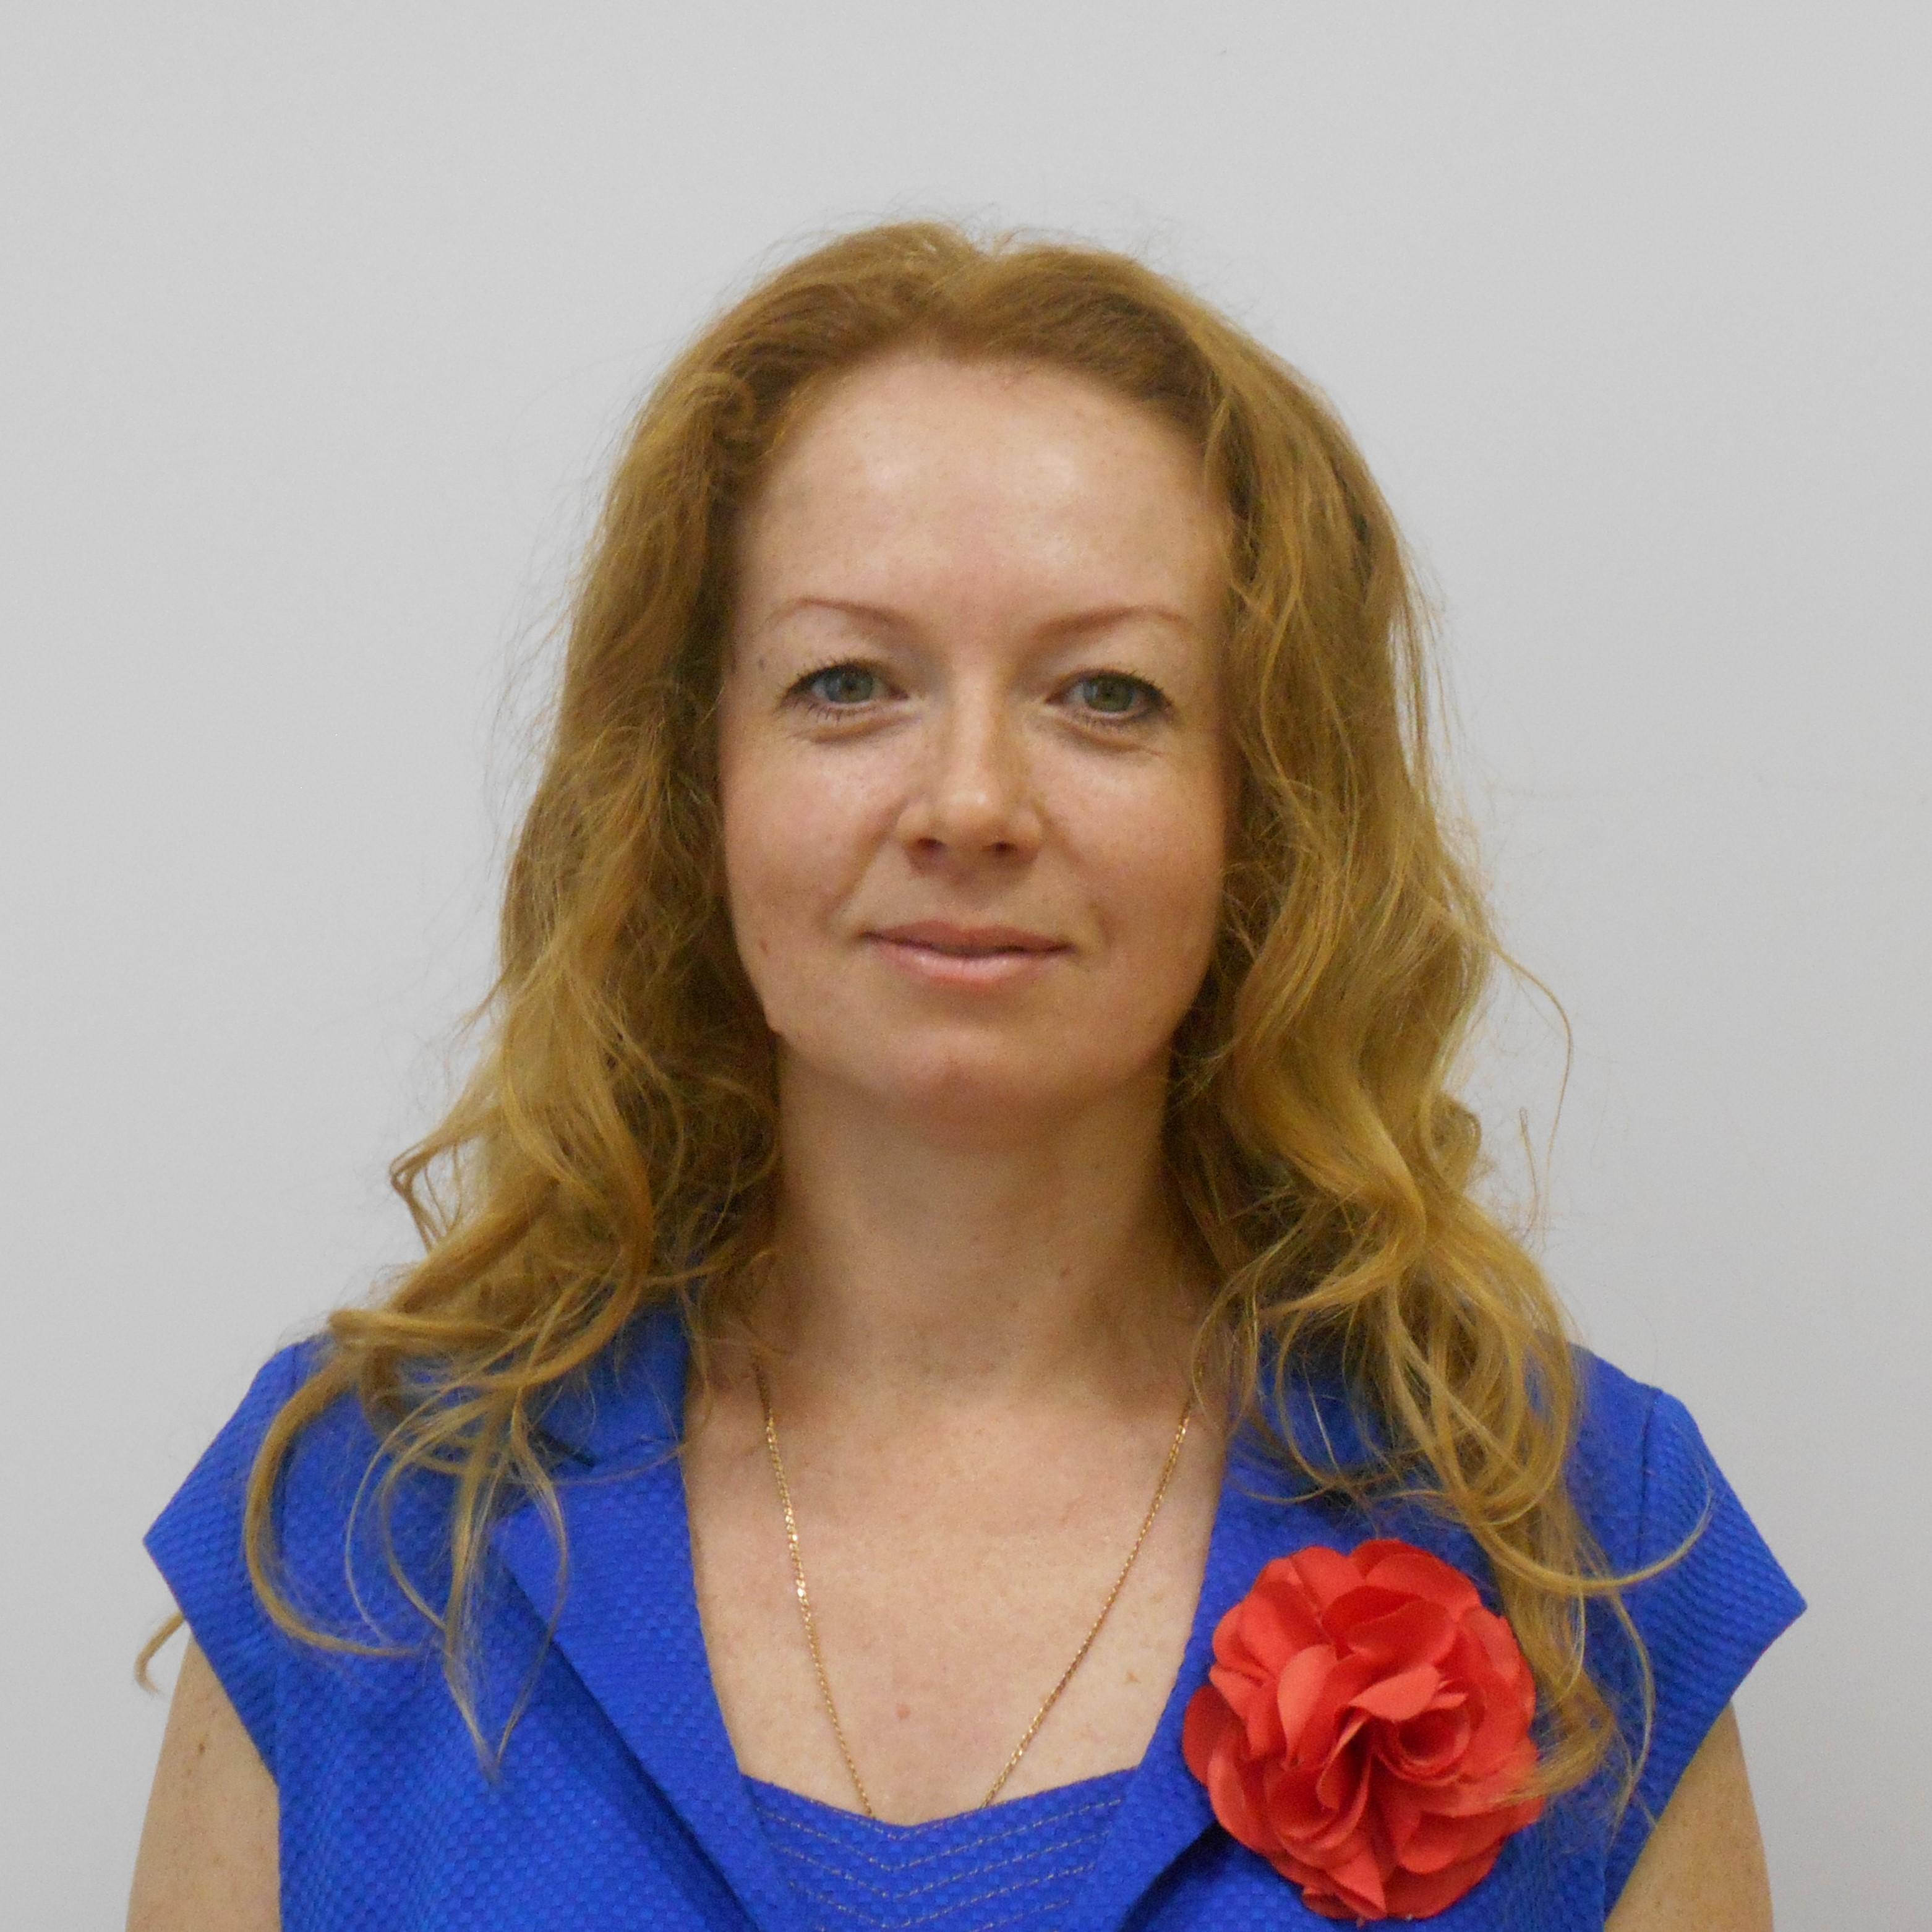 Родионова Юлия Николаевна